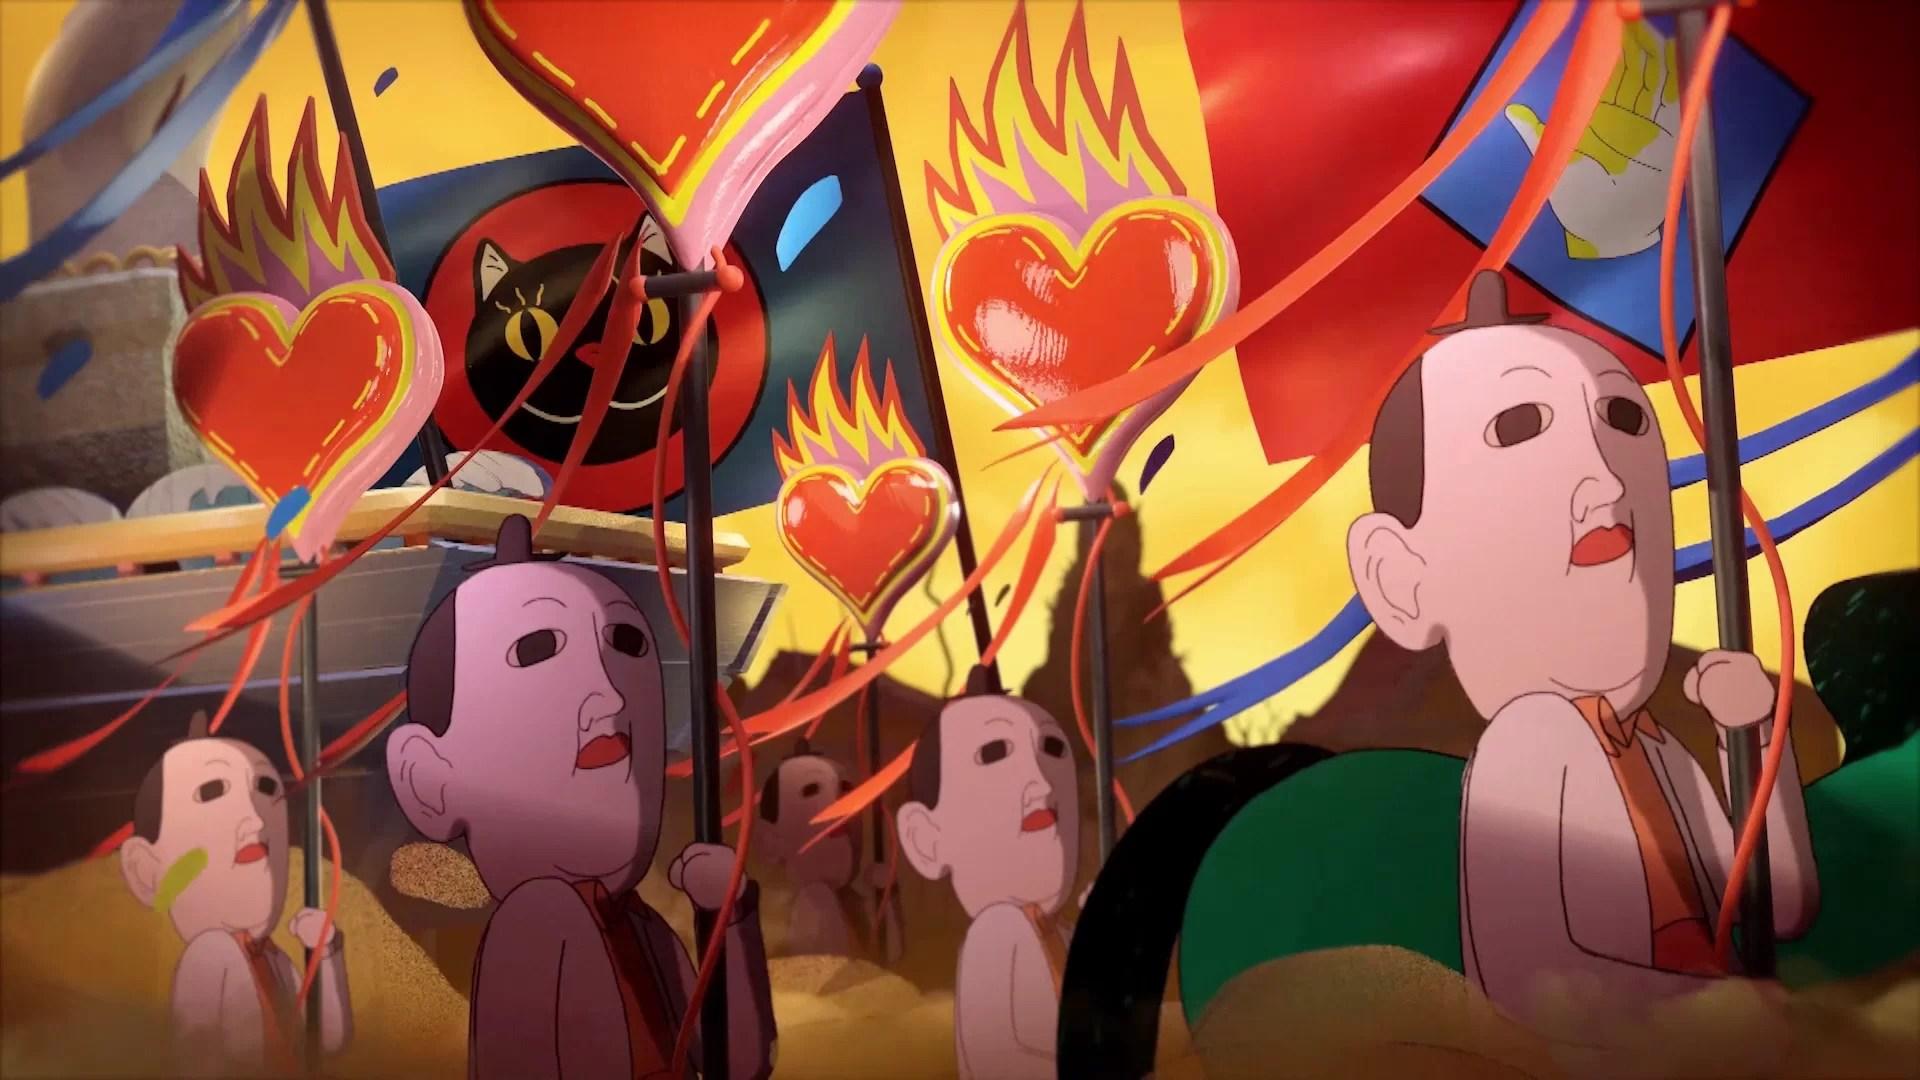 The Cutie Patootie - Creepy Animation Night, filme animate afiș